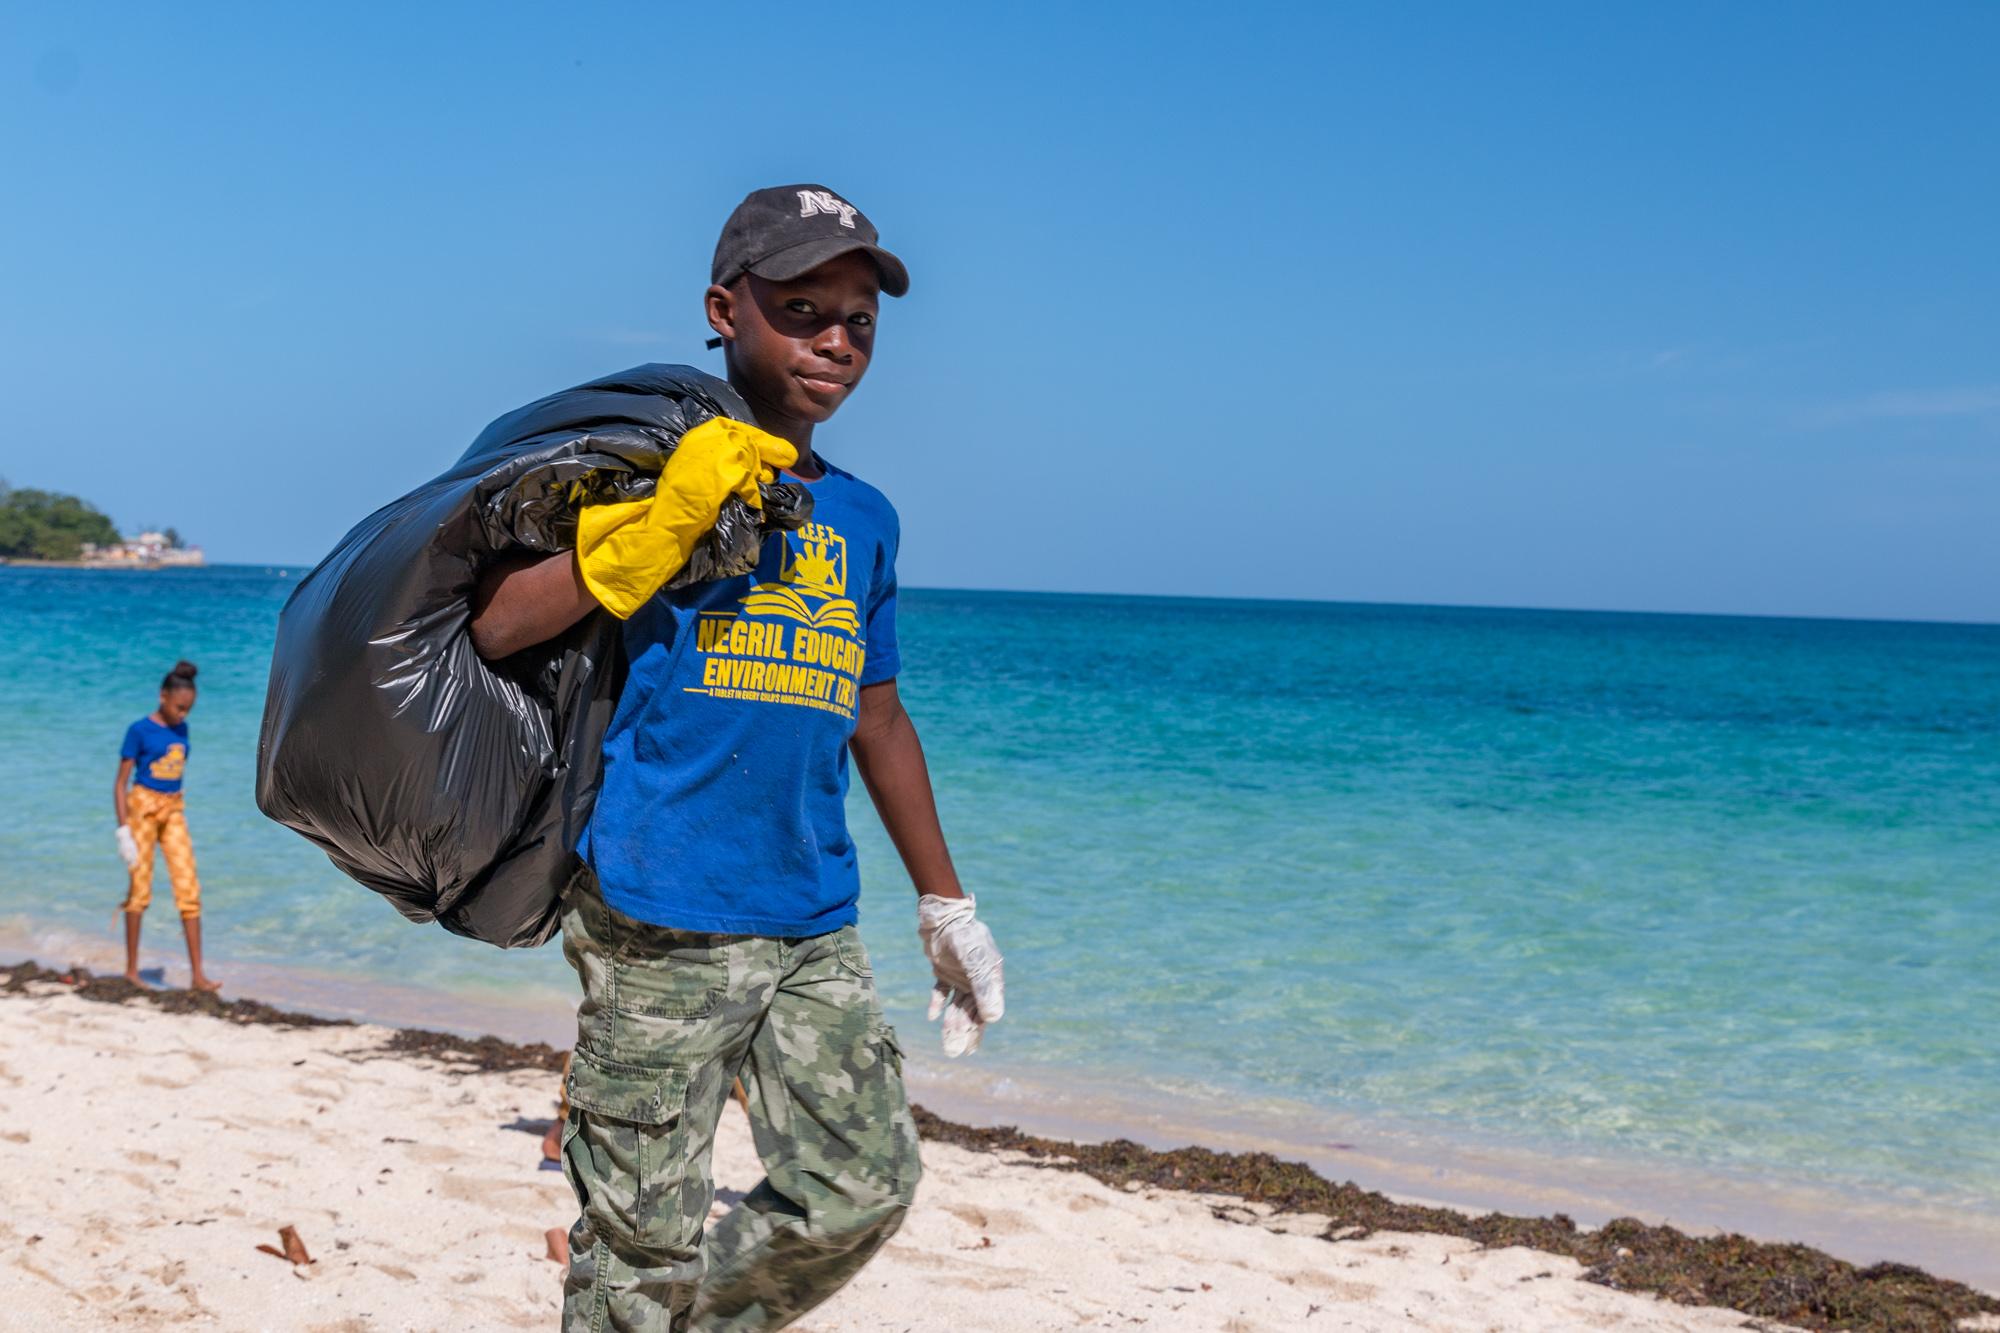 Student hauling garbage bag